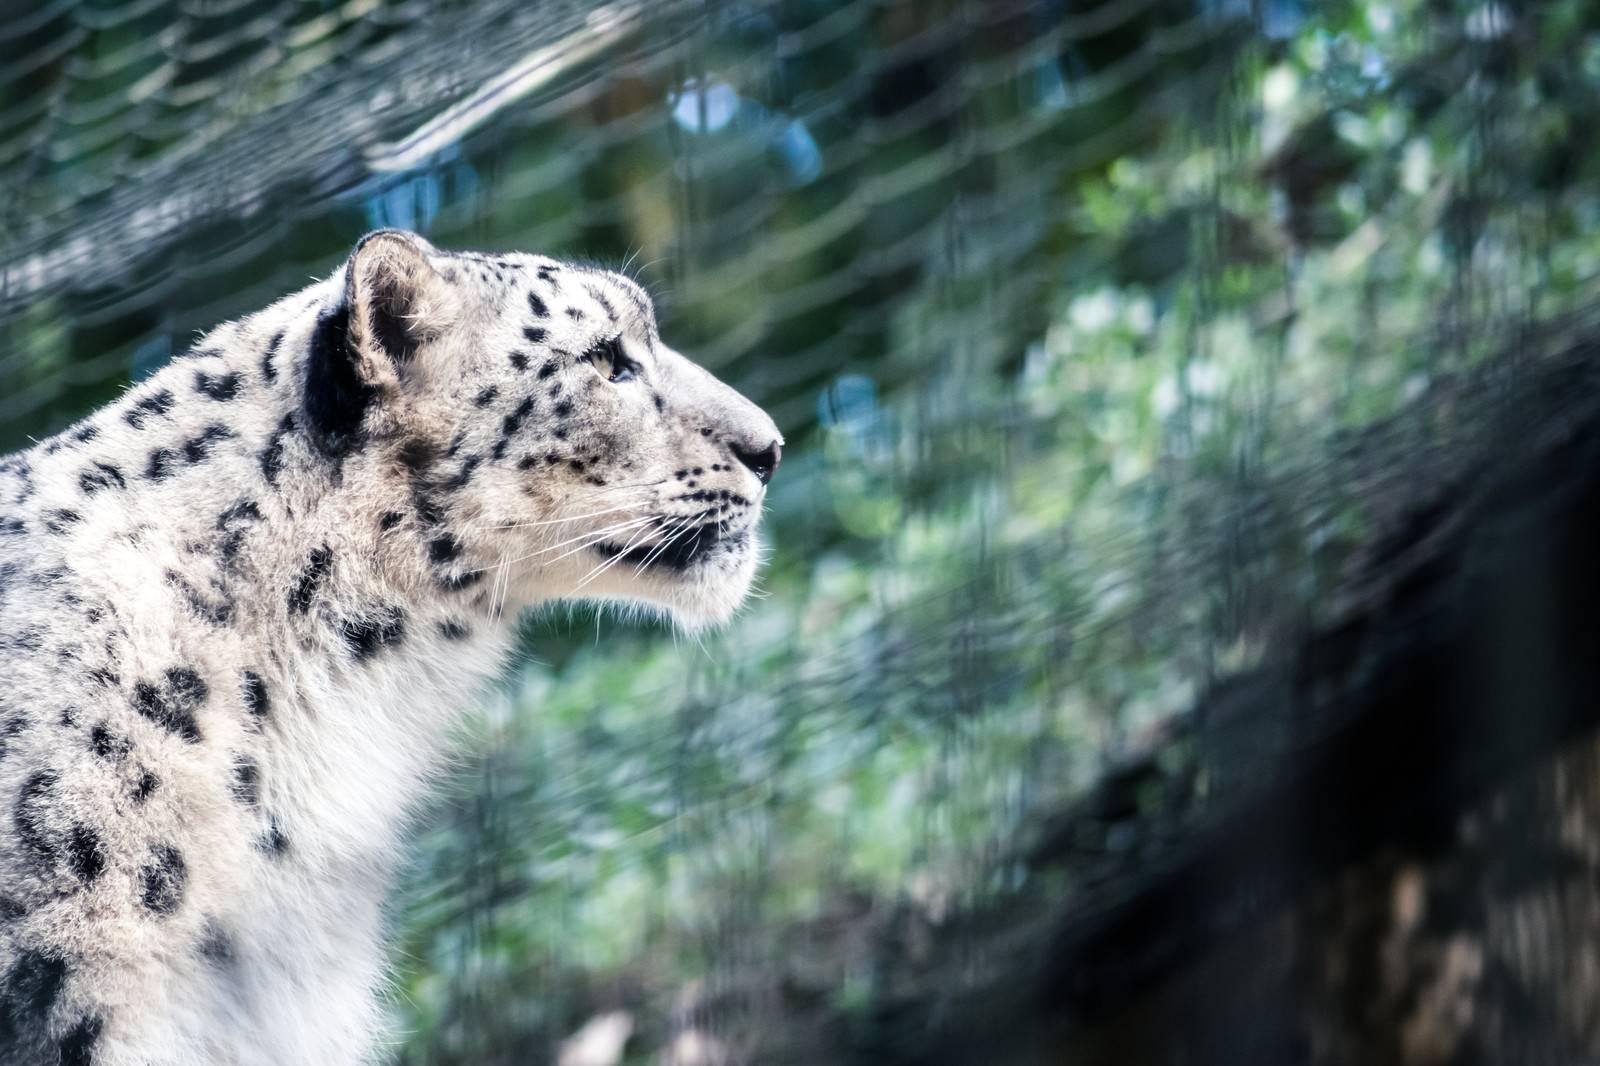 「ジャガーの横顔」の写真